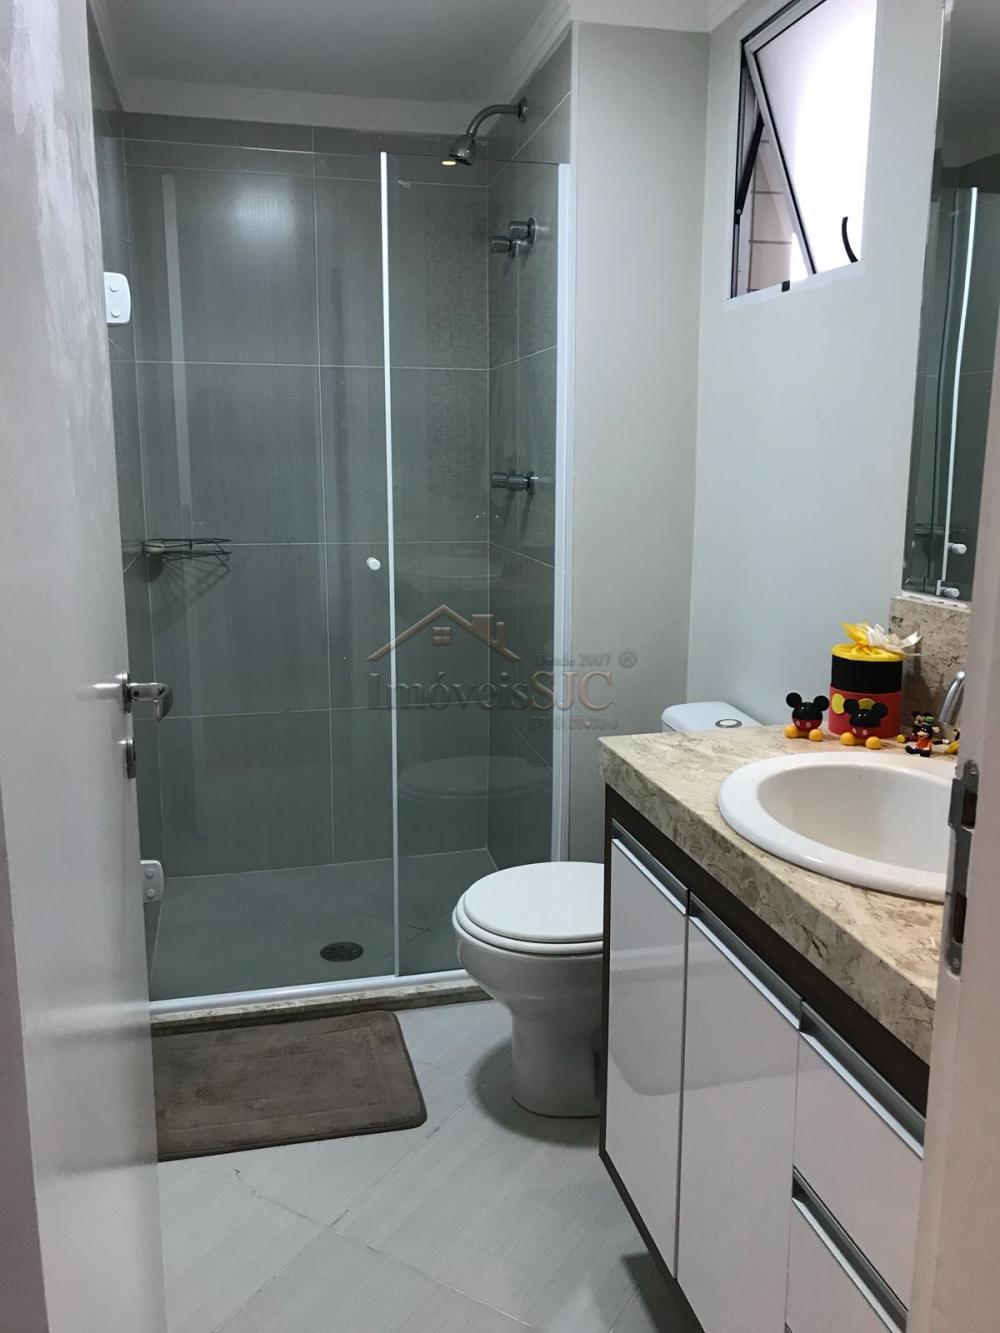 Alugar Apartamentos / Padrão em São José dos Campos apenas R$ 4.800,00 - Foto 26